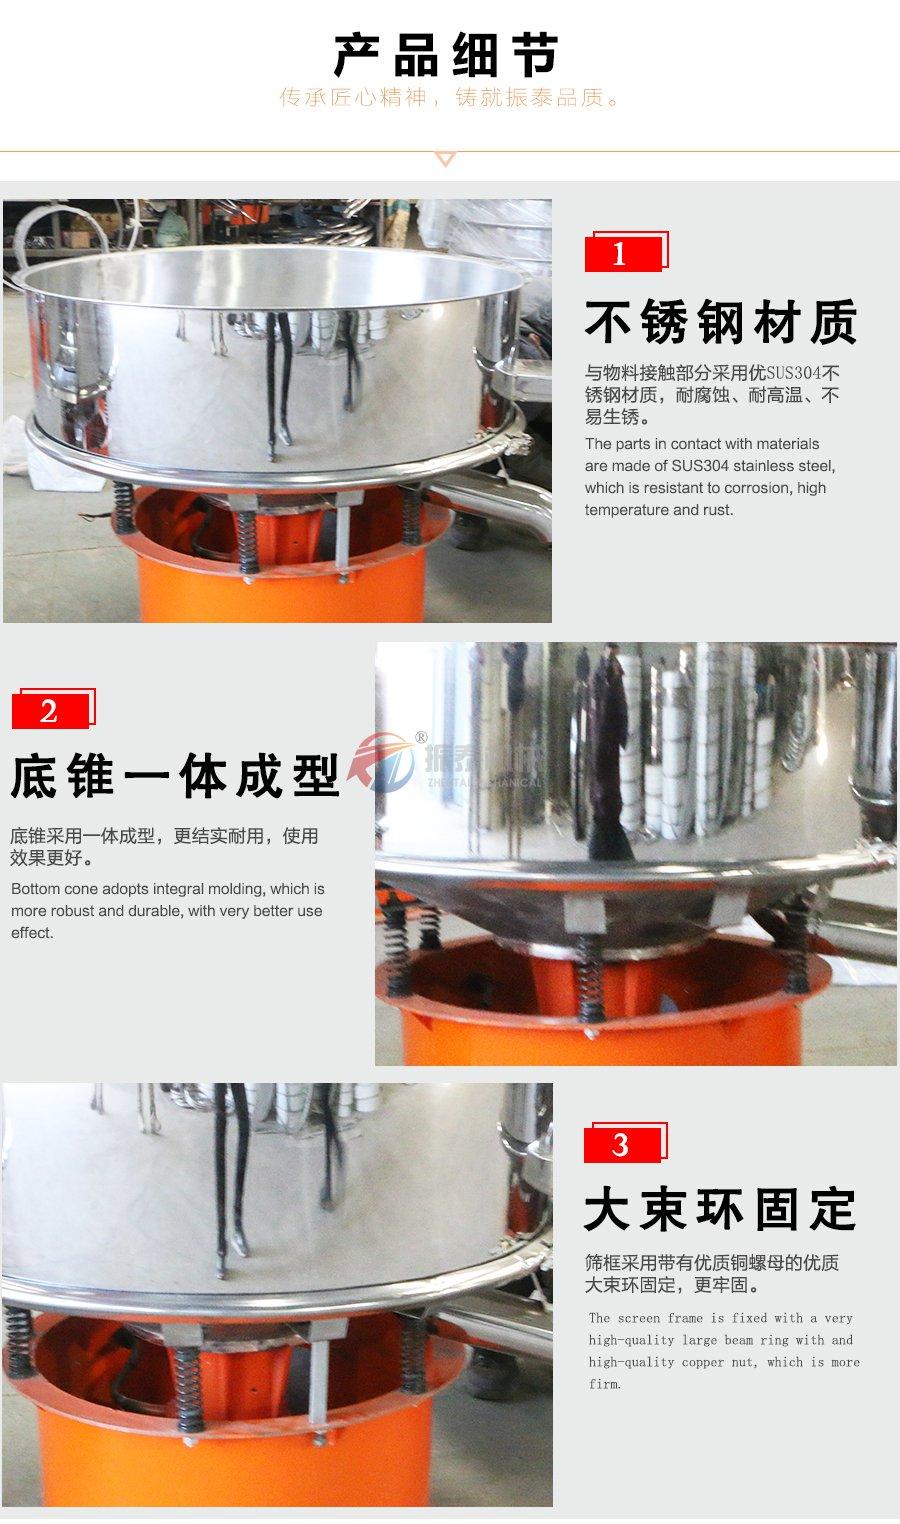 草甘膦高频振动筛产品细节